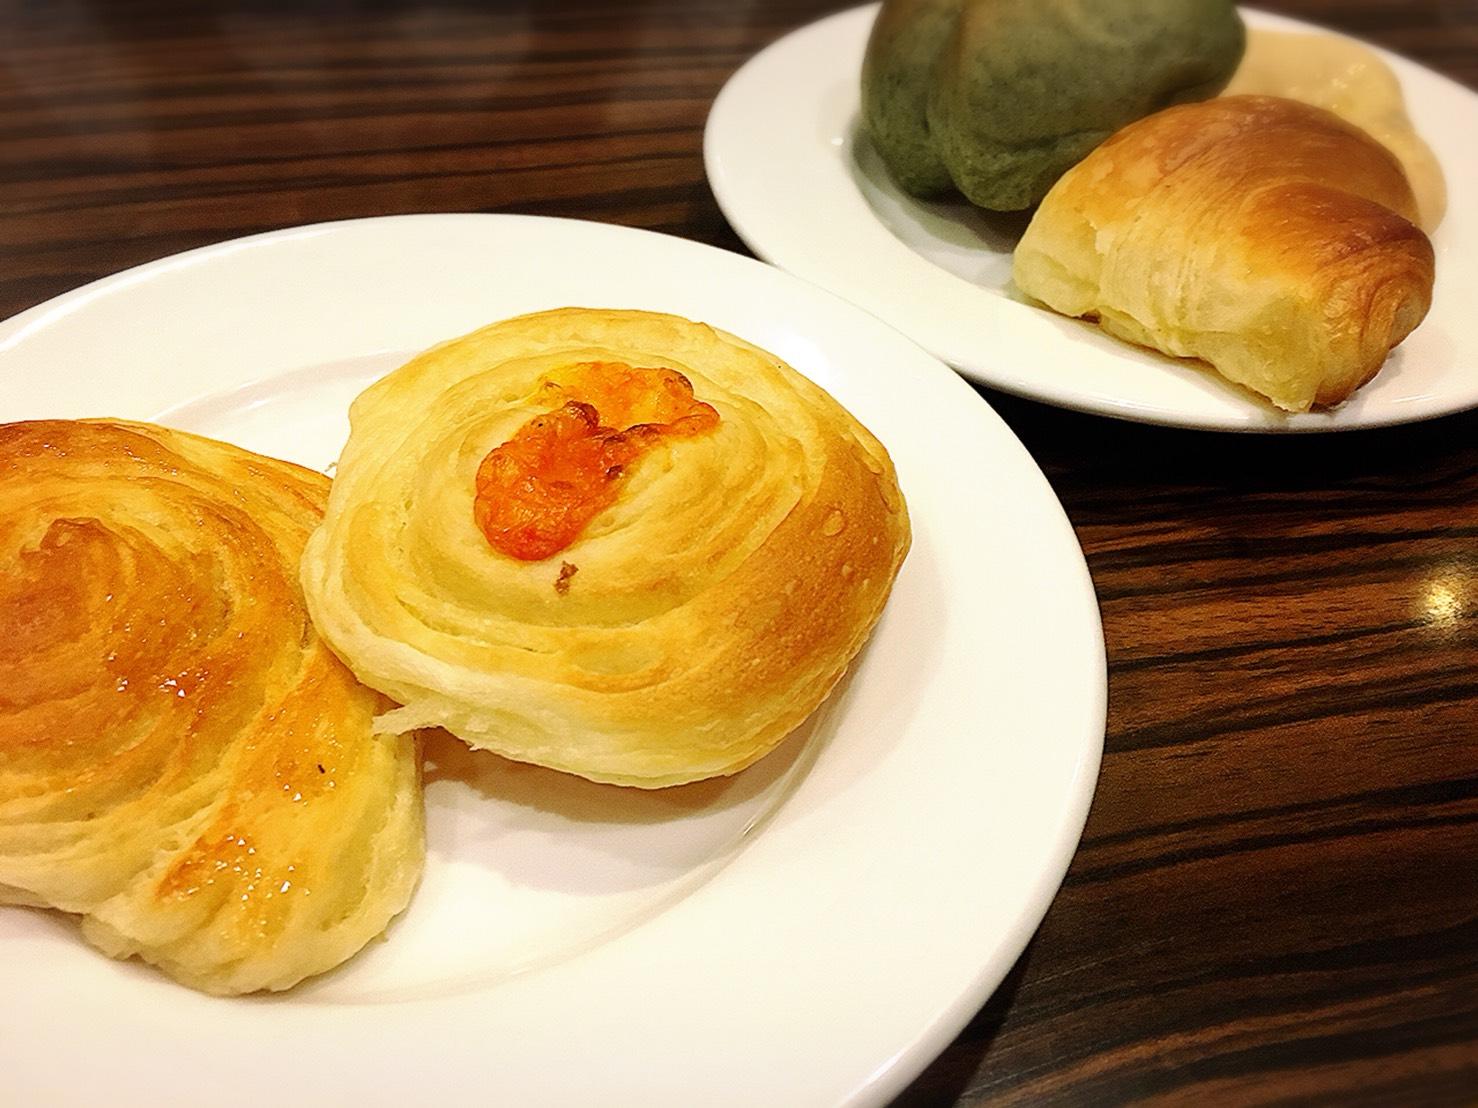 【池袋駅】自家製パン食べ放題とグリルで満腹「ビストロ309」のパン食べ放題2